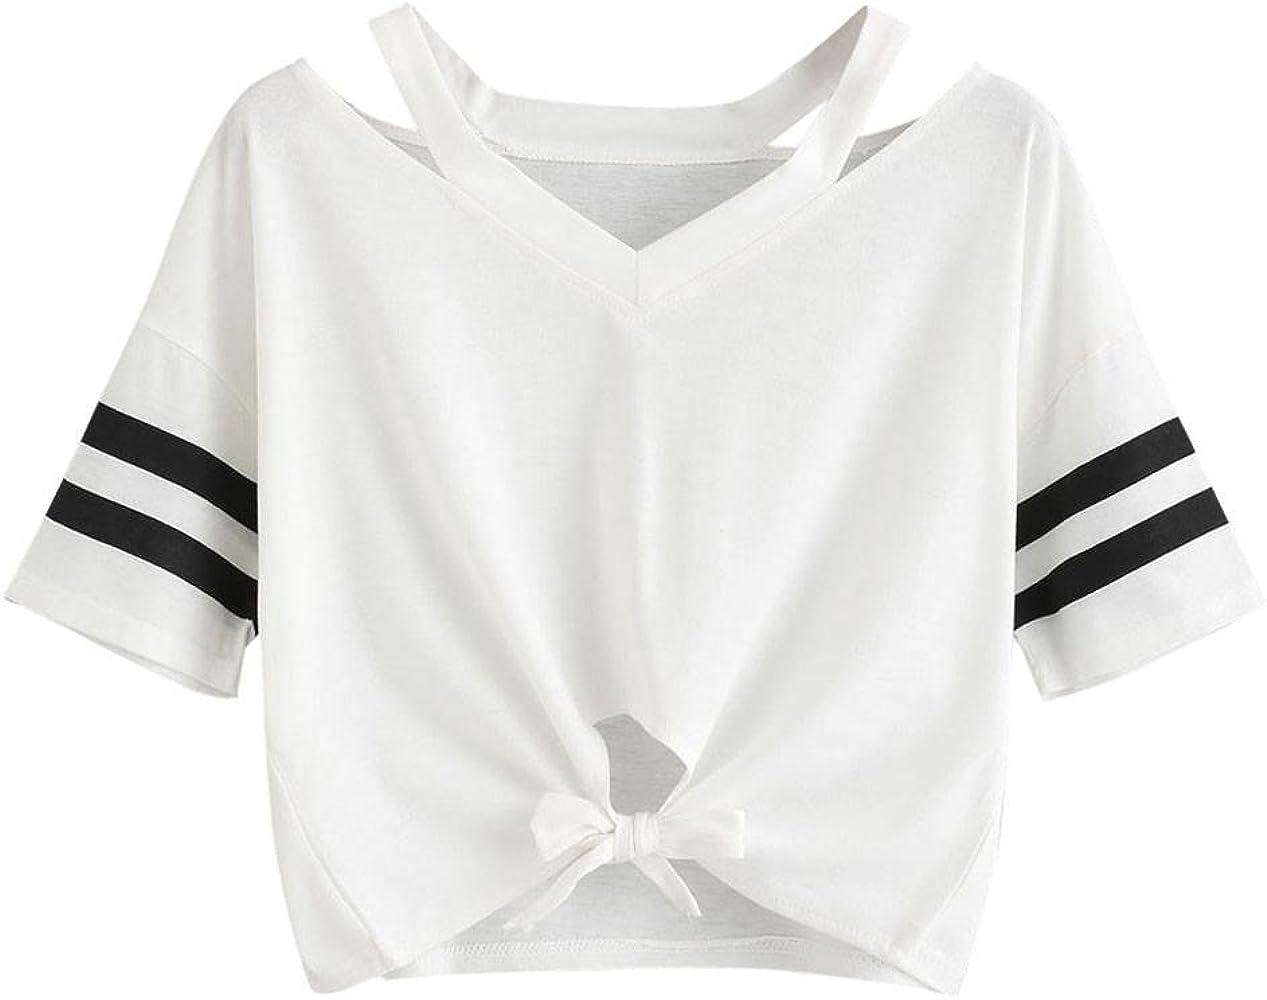 VECDY Chaleco Blanca para Mujer Camiseta Corta, Manga Corta, Cuello Redondo Blusa Top Informal(Blanco, S): Amazon.es: Ropa y accesorios